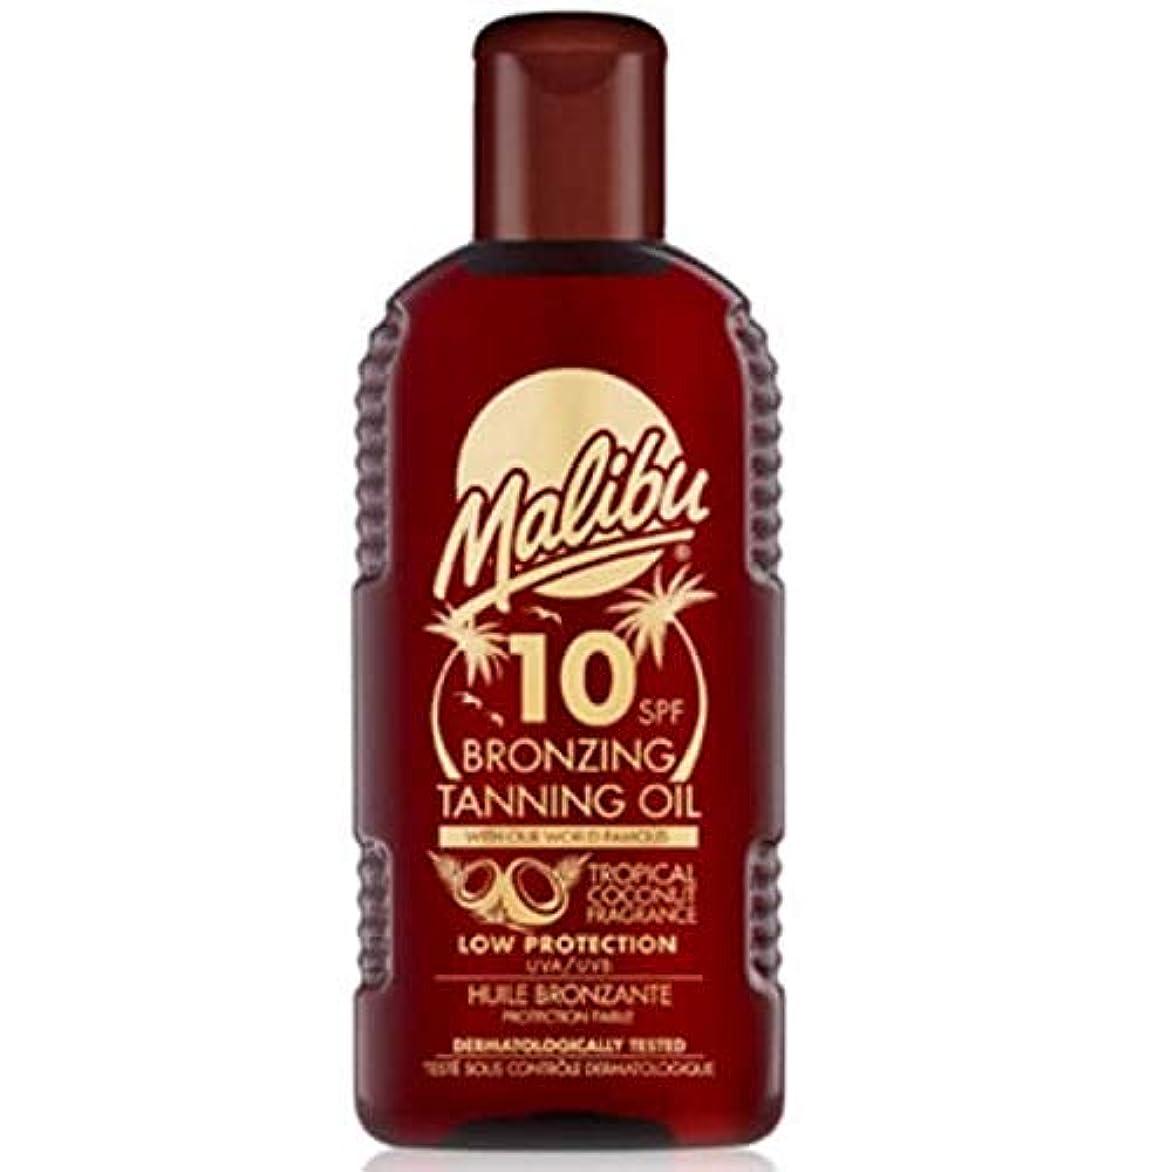 長方形写真撮影落胆させる[Malibu ] マリブブロンズ日焼けオイルSpf 10 - Malibu Bronzing Tanning Oil SPF 10 [並行輸入品]